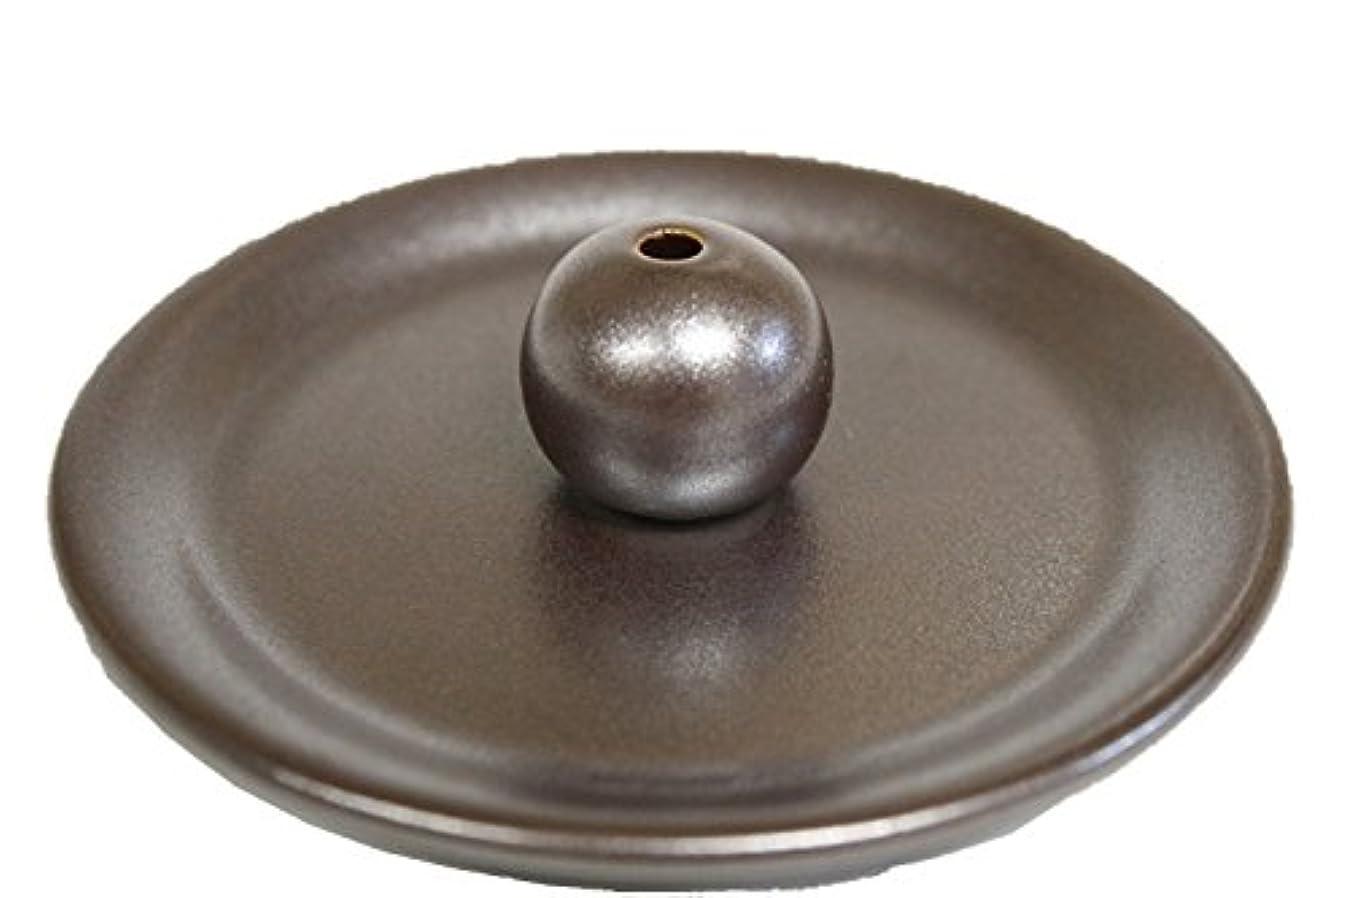 相手広範囲下に向けます9cm香皿 鉄器色 美濃焼 お香立て お香たて 陶器 製造?直売品